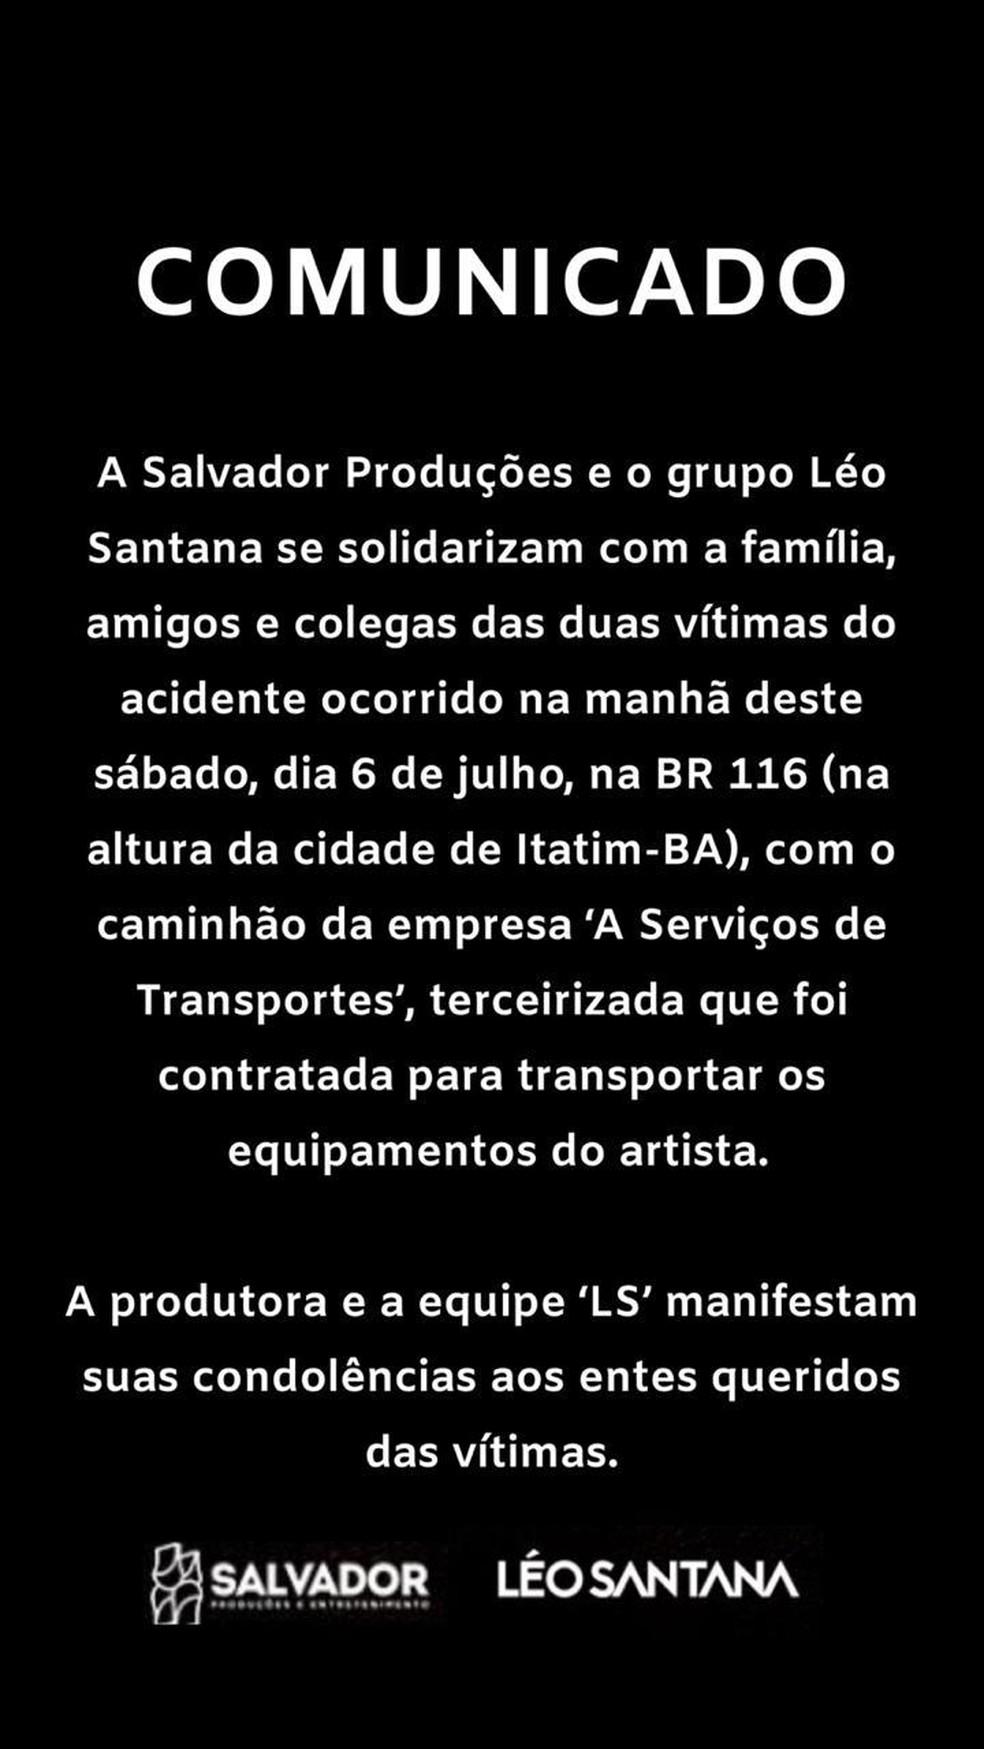 Produção do artista confirmou acidente através de um anota divulgada para a imprensa, neste domingo (7). — Foto: Divulgação